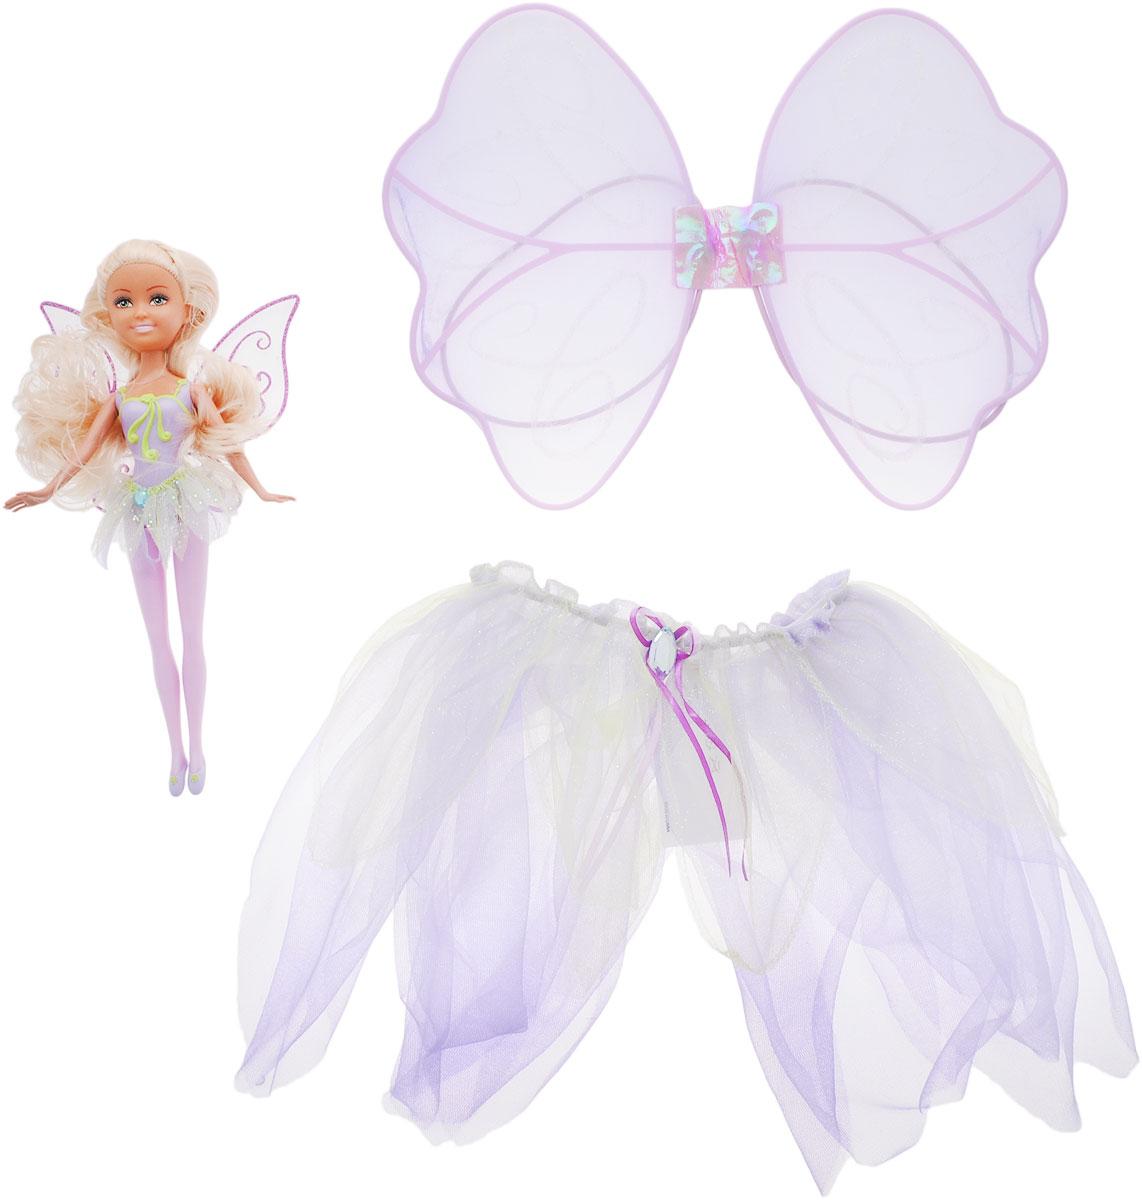 ABtoys Кукла Лесная фея с карнавальным костюмом для девочки abtoys кукла зимняя фея сноусторм